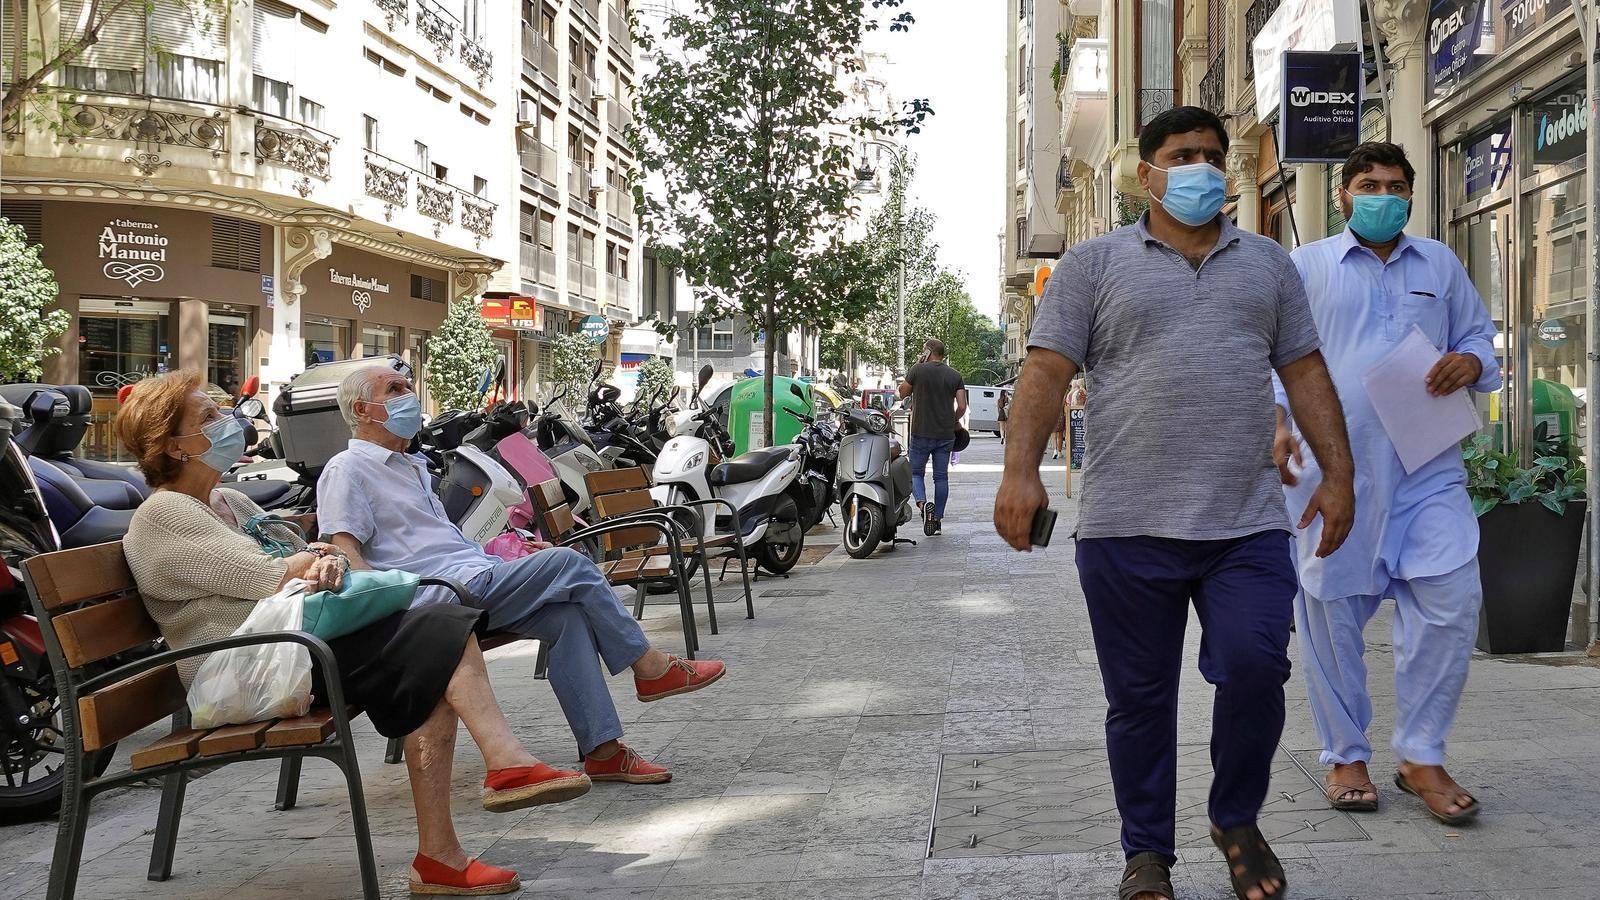 Diverses persones protegides amb mascareta al centre de València